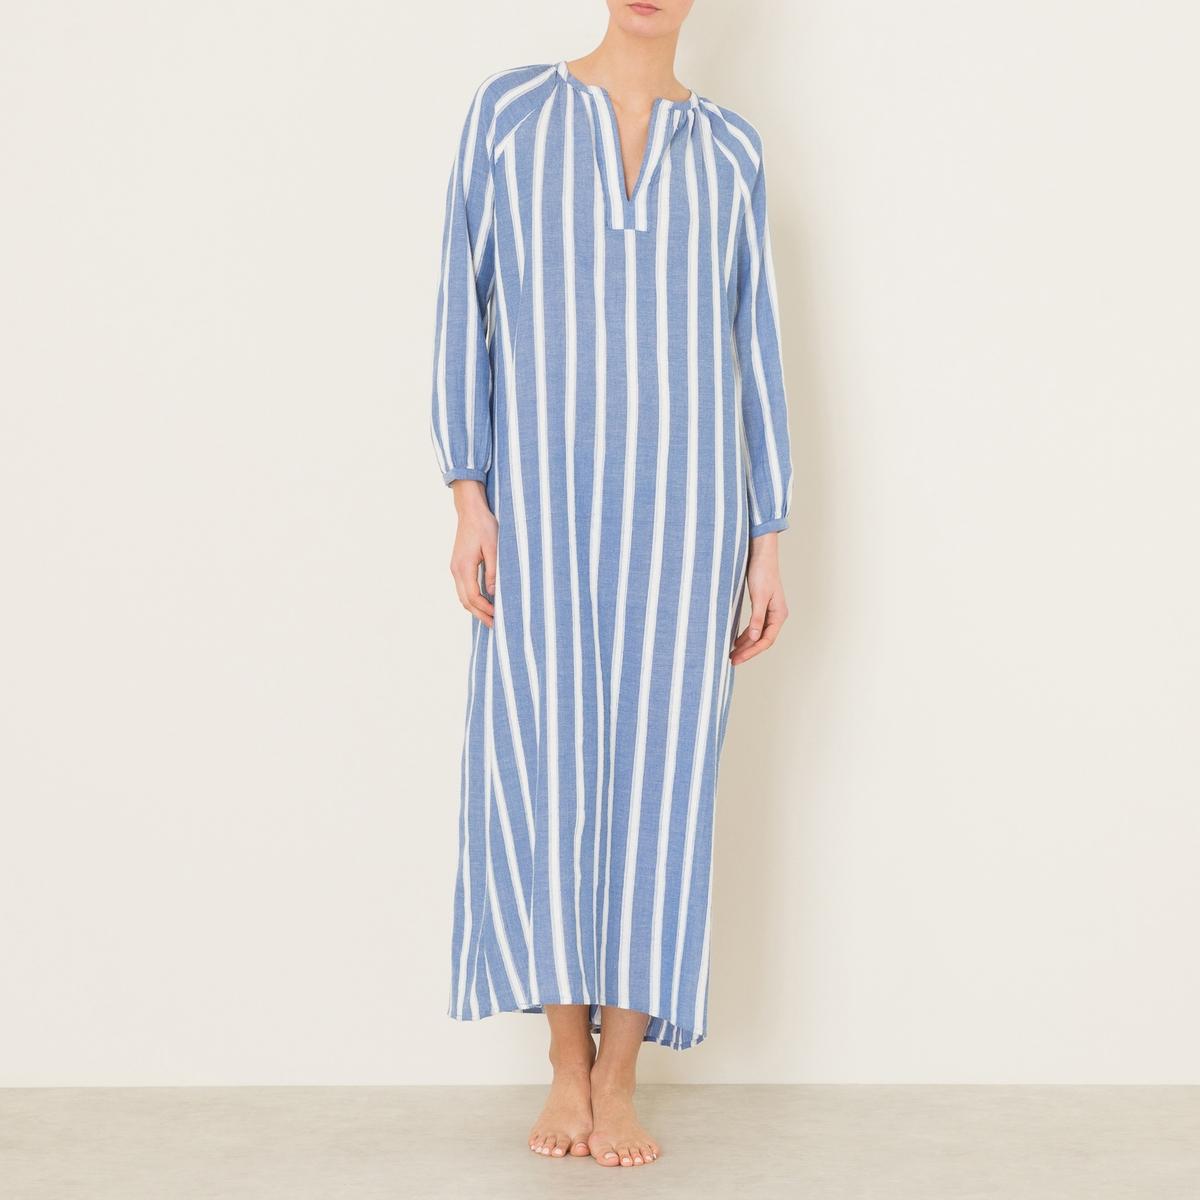 Платье ROMINAСостав и описание    Материал : 100% хлопок   Марка : DIEGA<br><br>Цвет: синий/ белый